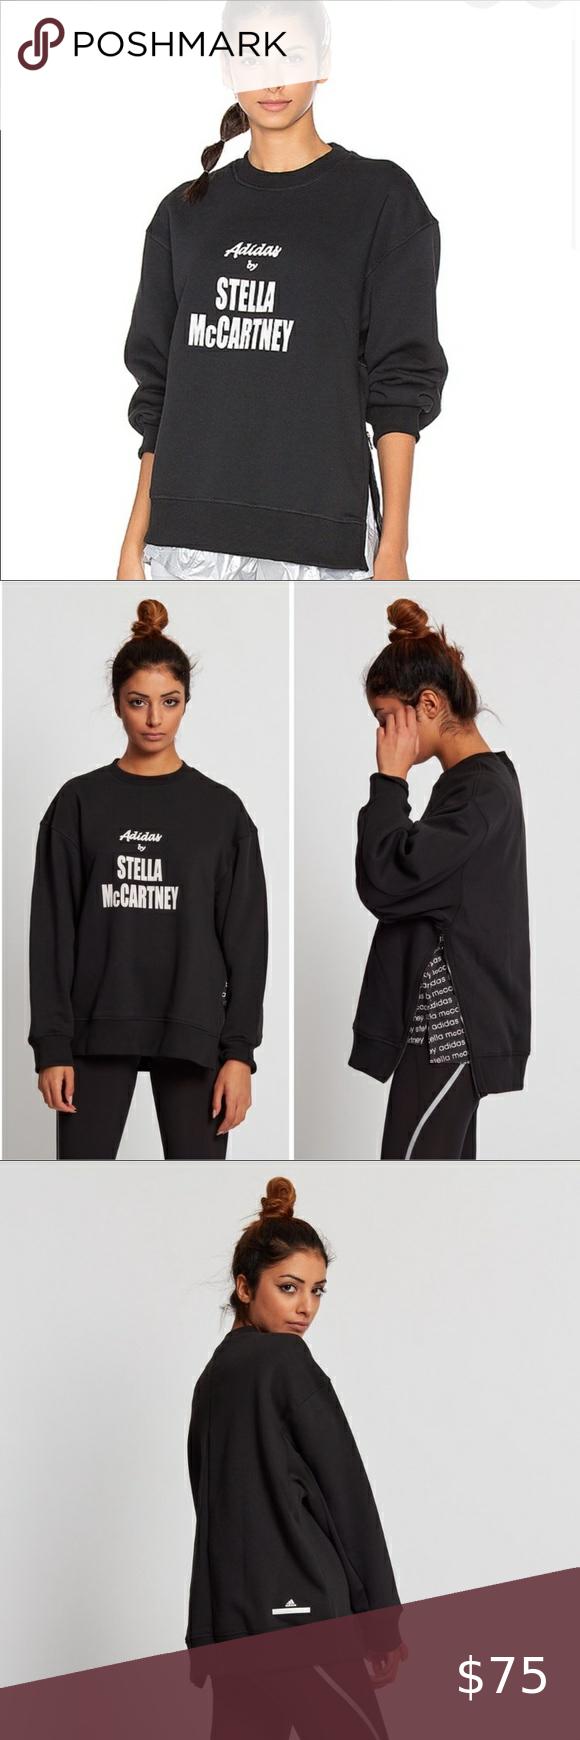 Adidas By Stella Mccartney Black Yoga Sweatshirt Yoga Sweatshirt Stella Mccartney Adidas Sweatshirts [ 1740 x 580 Pixel ]